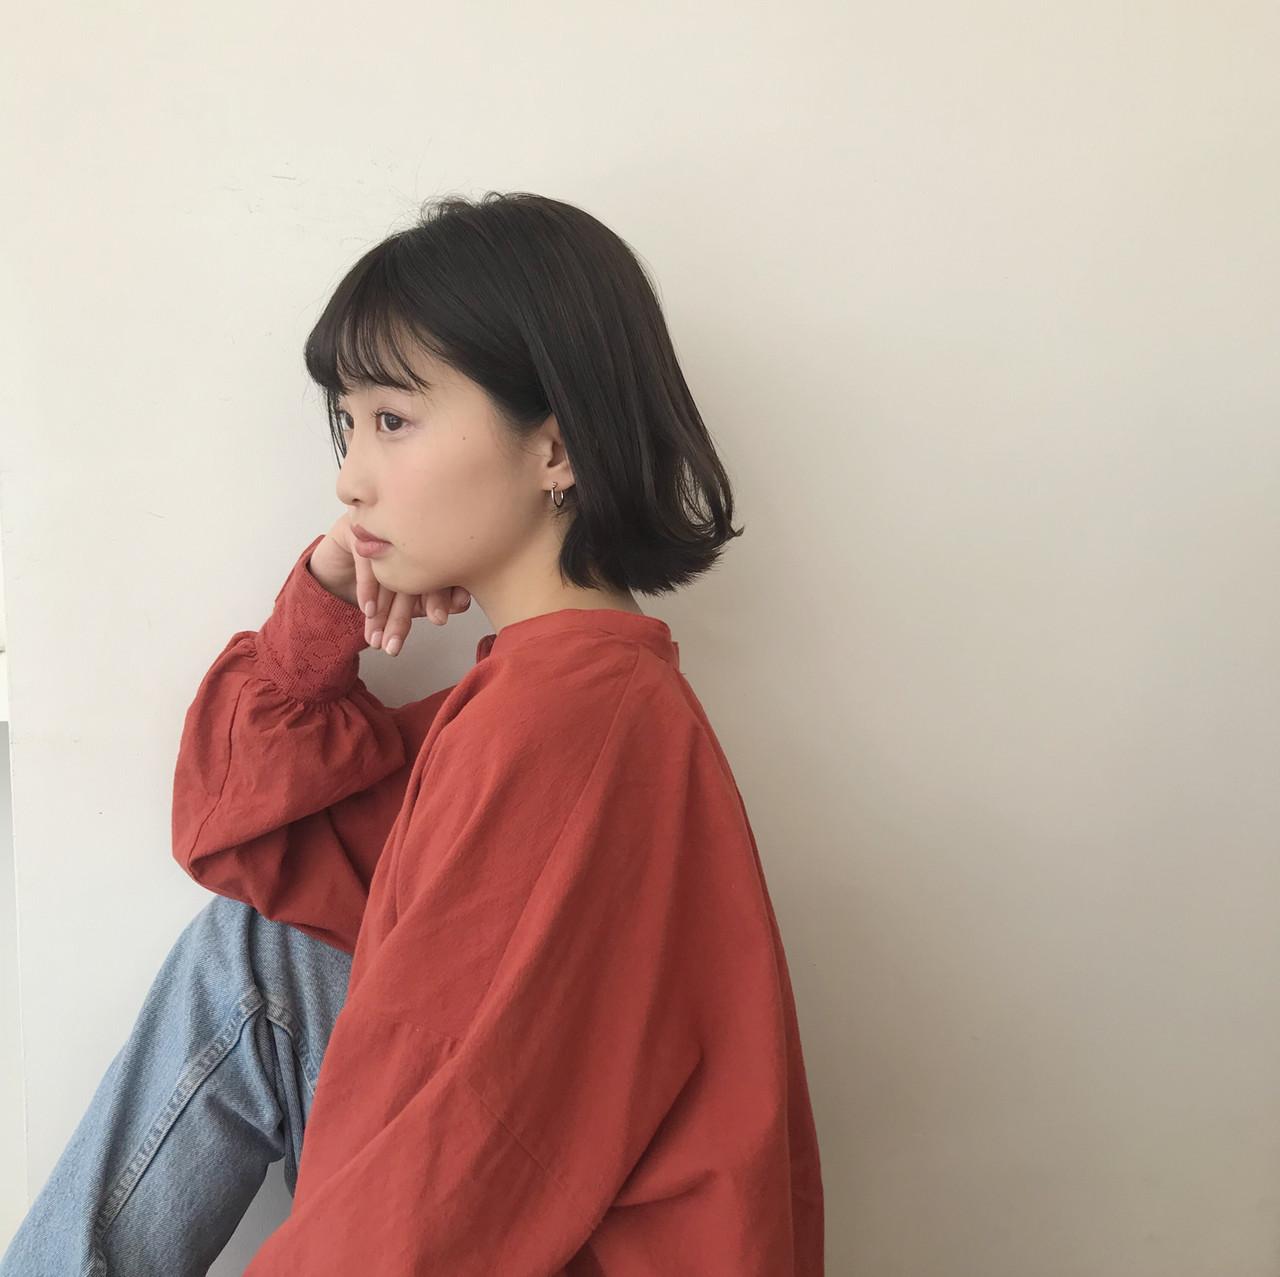 ミニボブ モテボブ 切りっぱなしボブ ショートボブ ヘアスタイルや髪型の写真・画像 | 井浦果歩 / ecouter